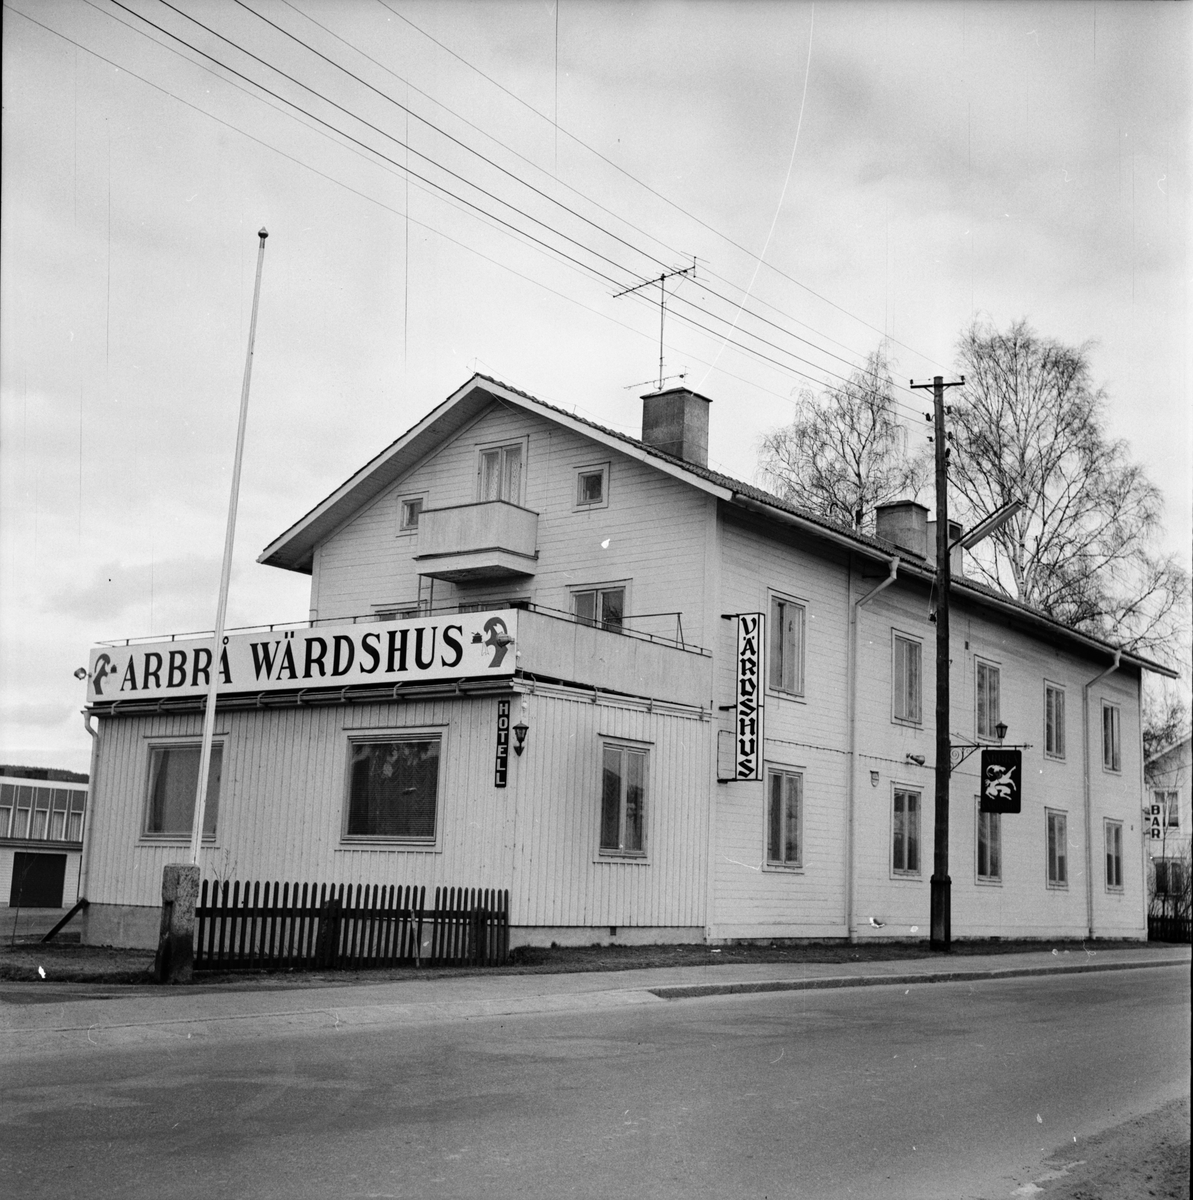 Arbrå Värdshus, April 1972